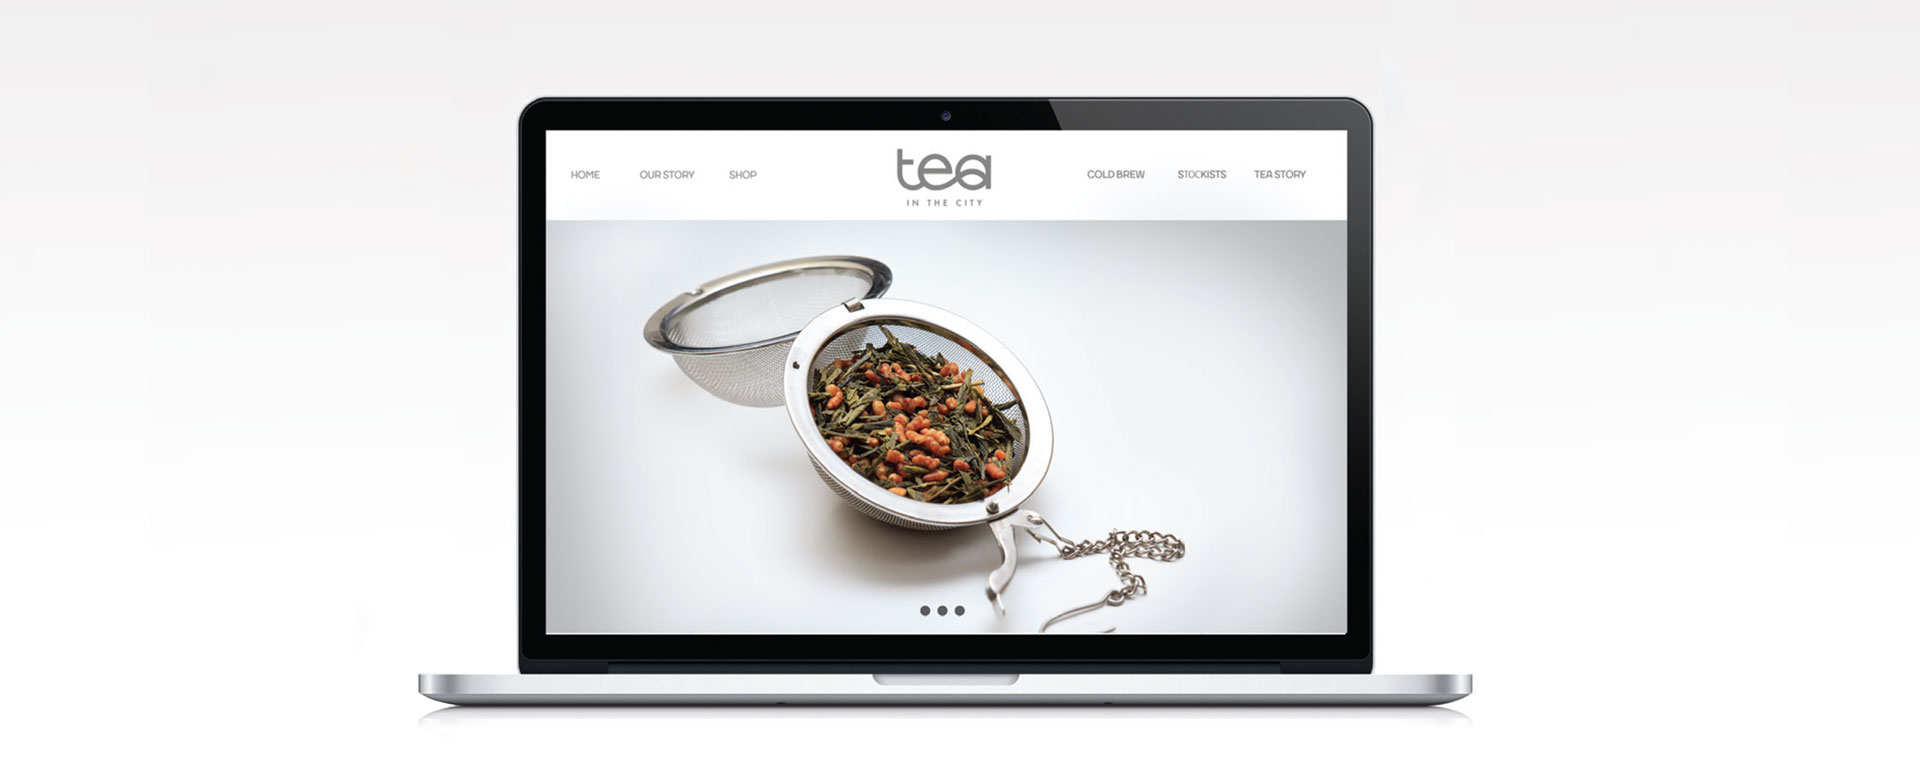 Tea in the City website